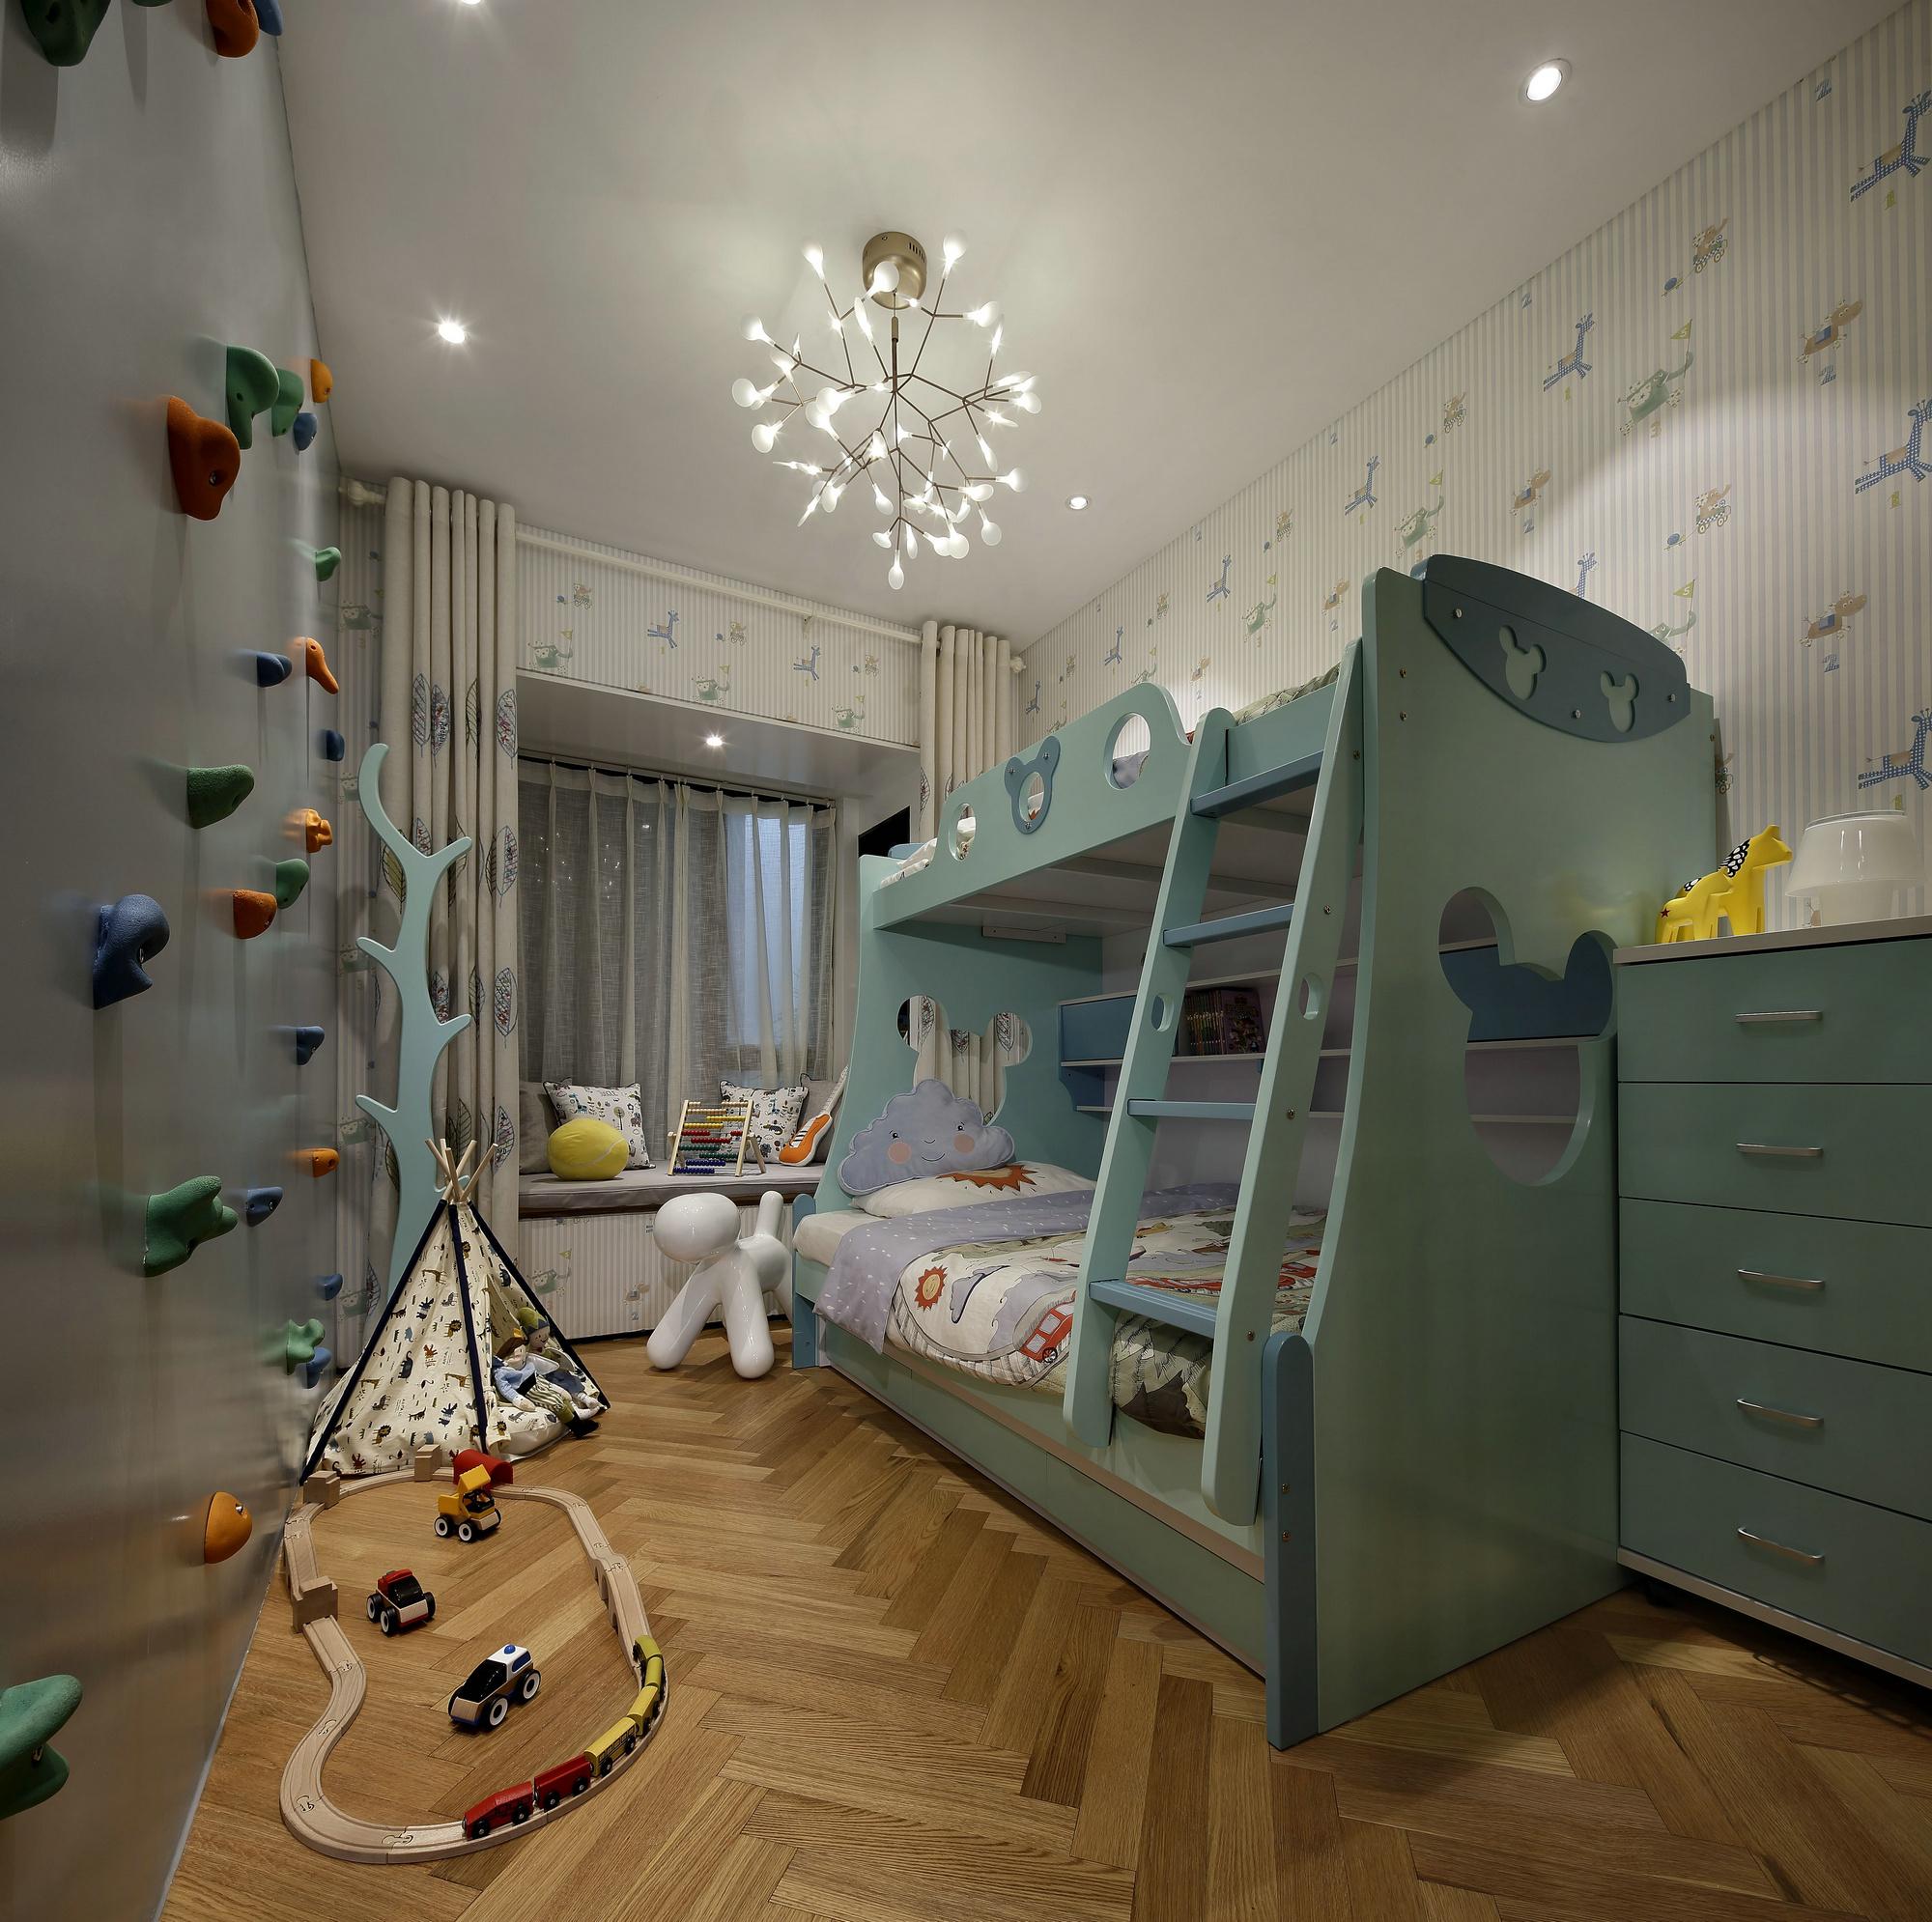 儿童功能房:就是一个缩减版的游乐园,孩子在家里即可享受到在游乐园图片